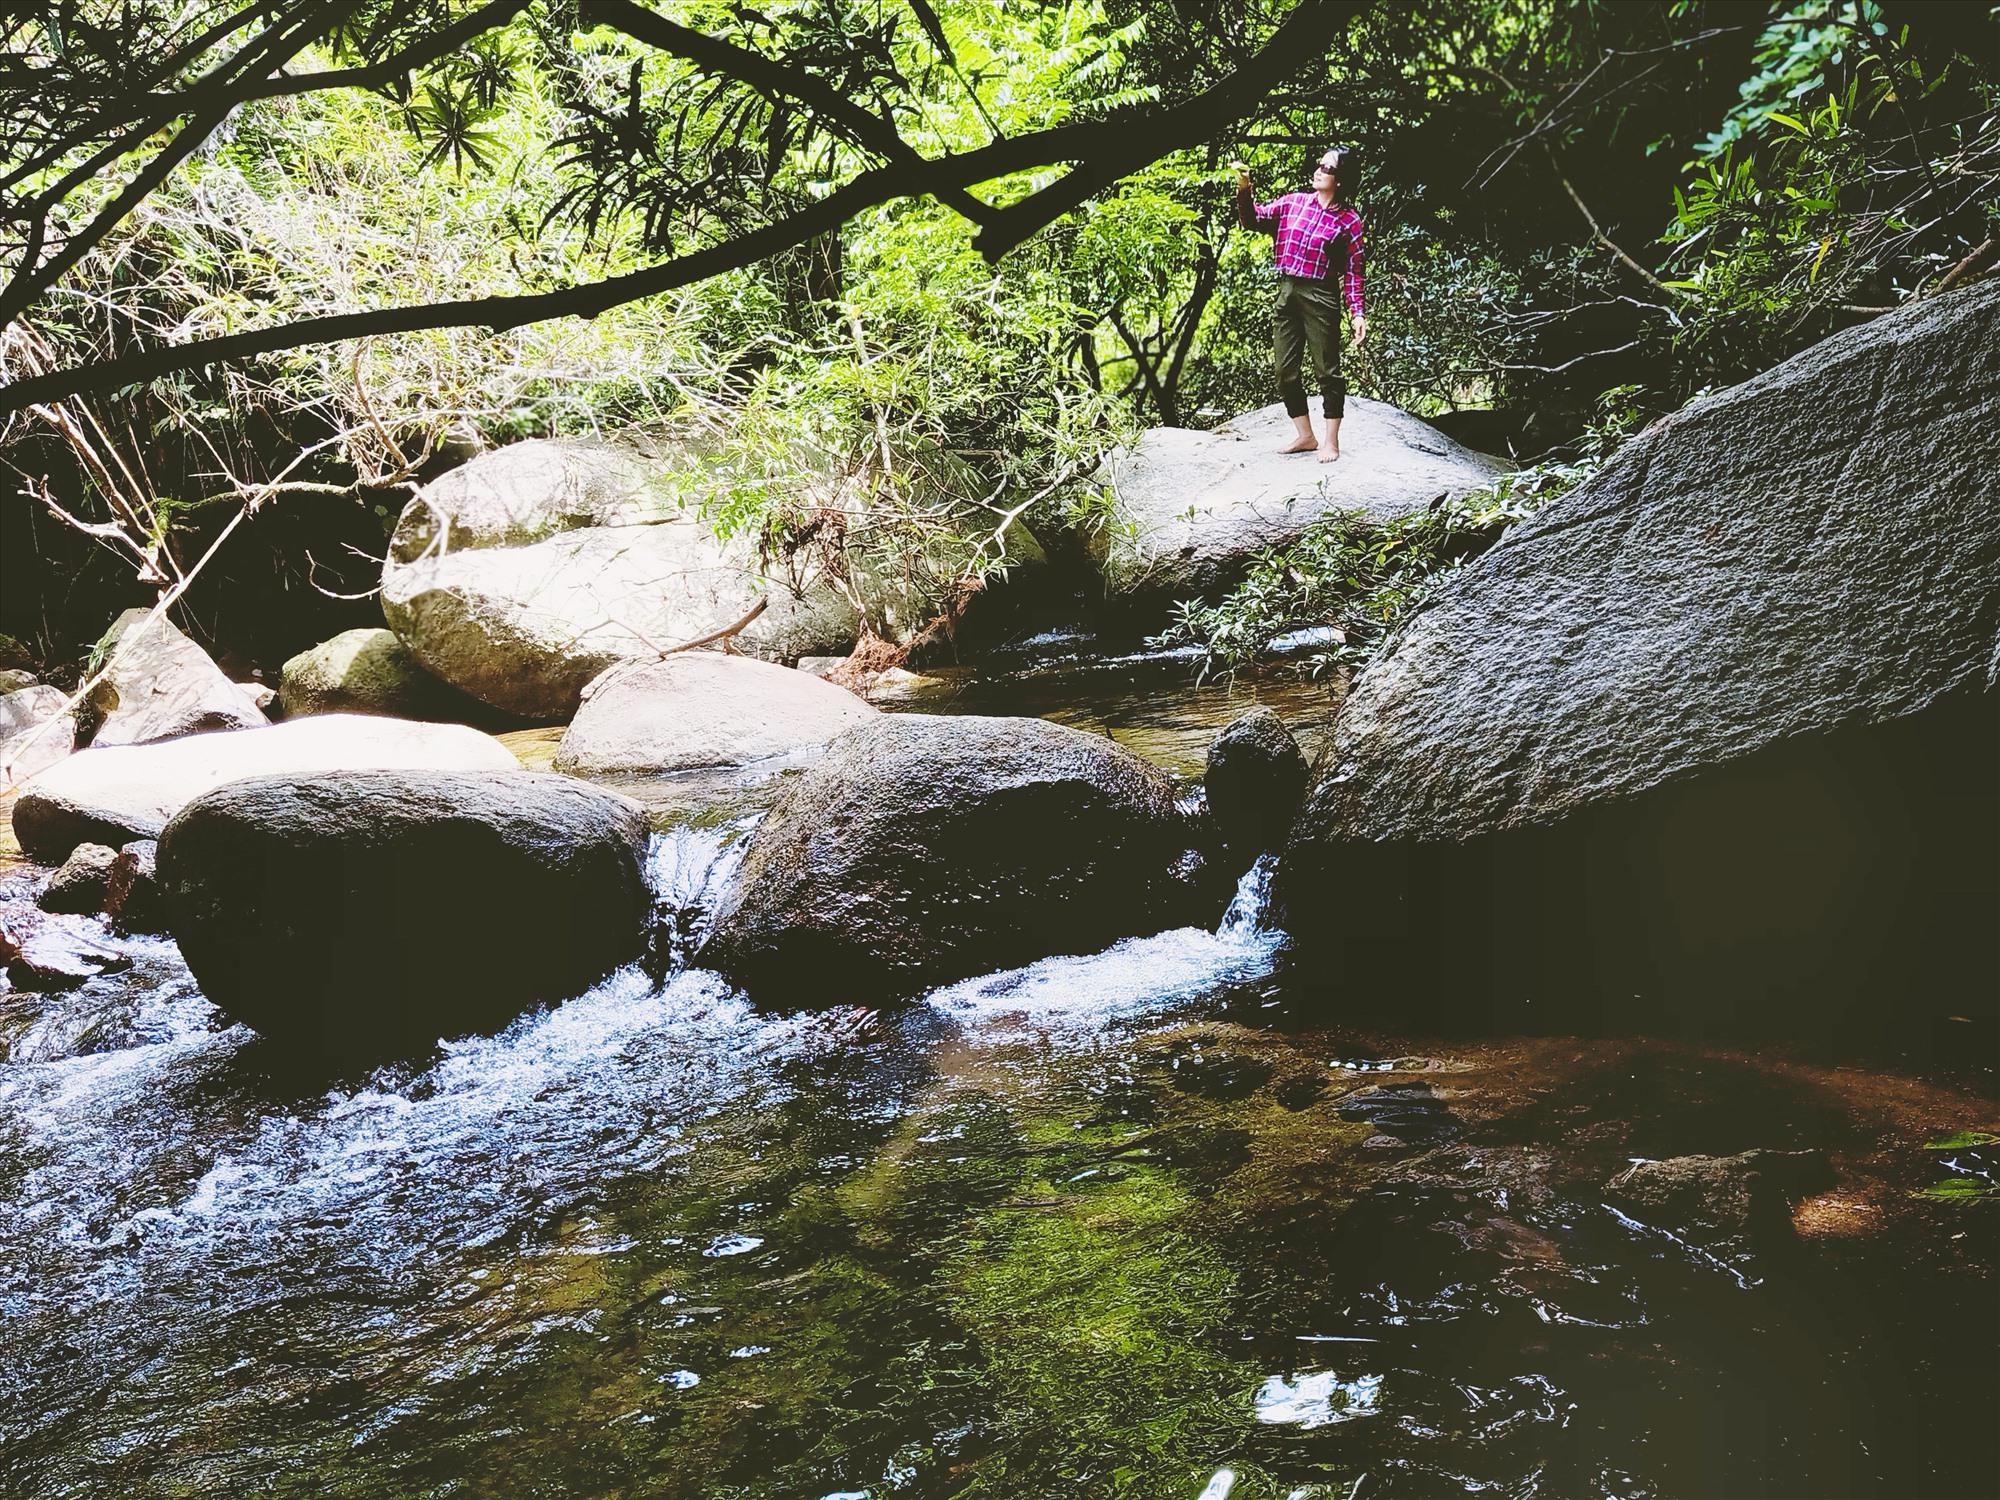 Cảnh đẹp hoang sơ của suối Đá Bàn. Ảnh: HOÀNG LIÊN